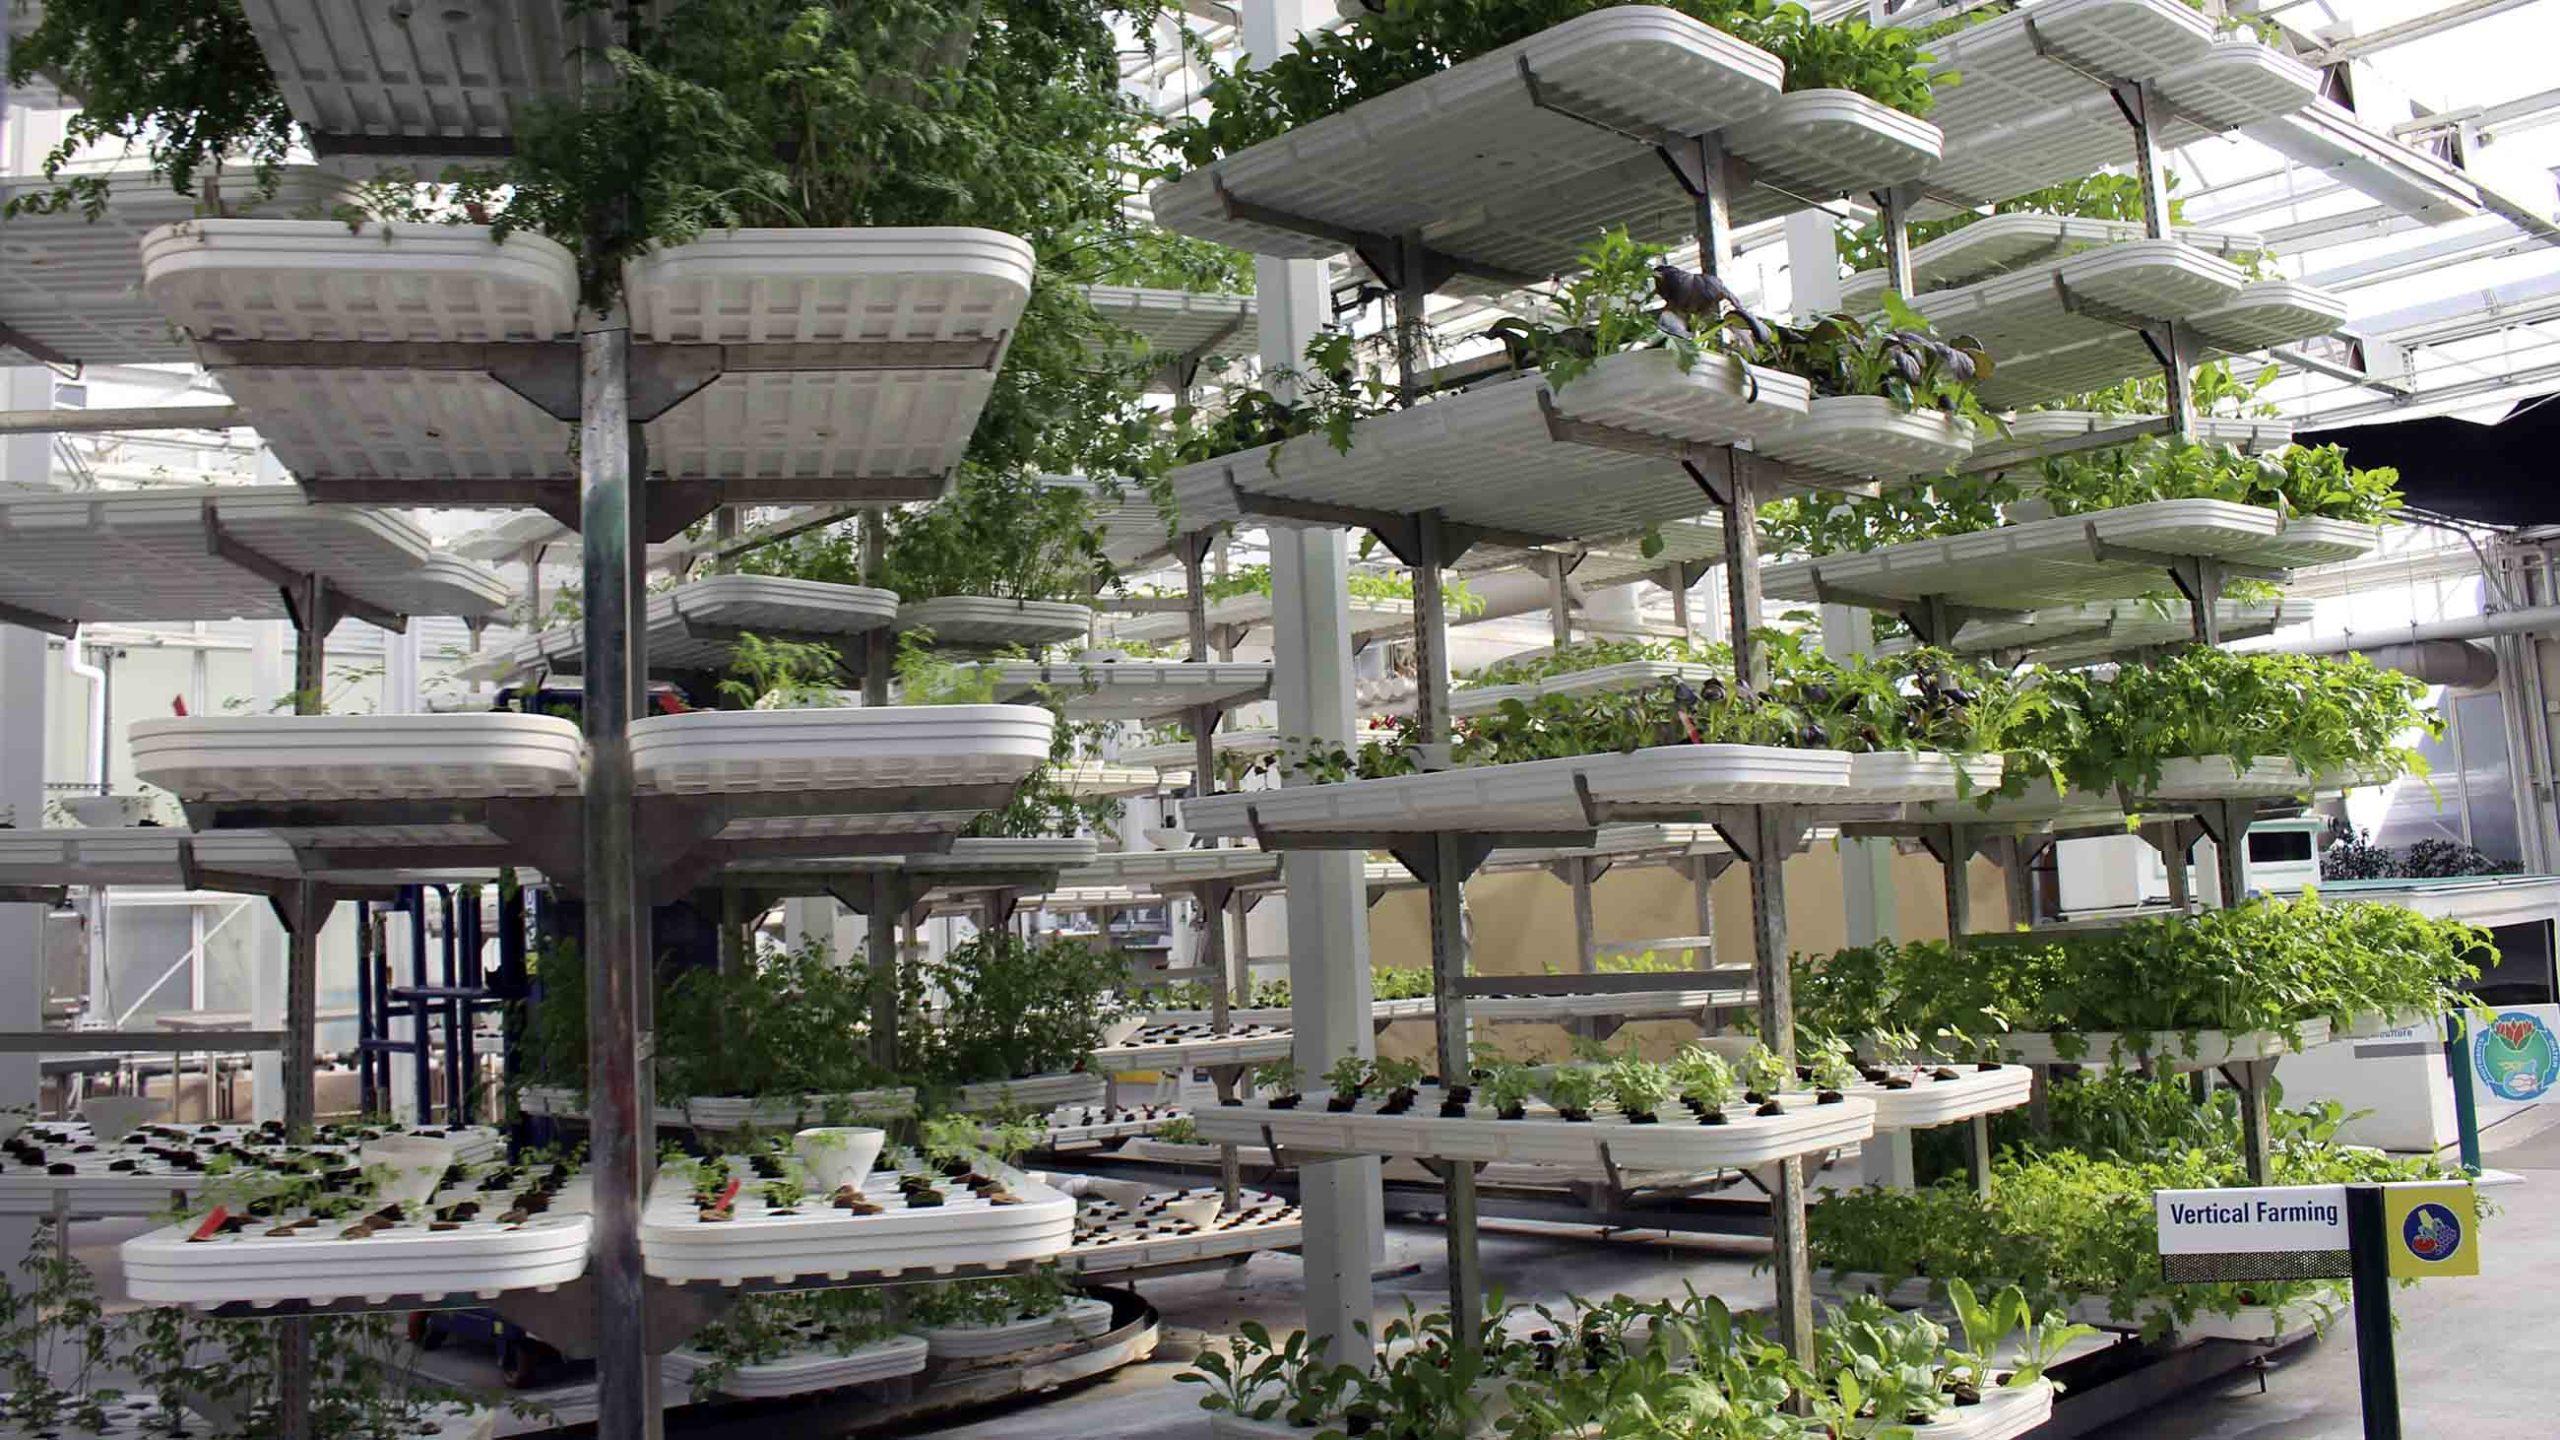 Как сити-фермы решают проблему отходов и неэффективности поставки продовольствия?